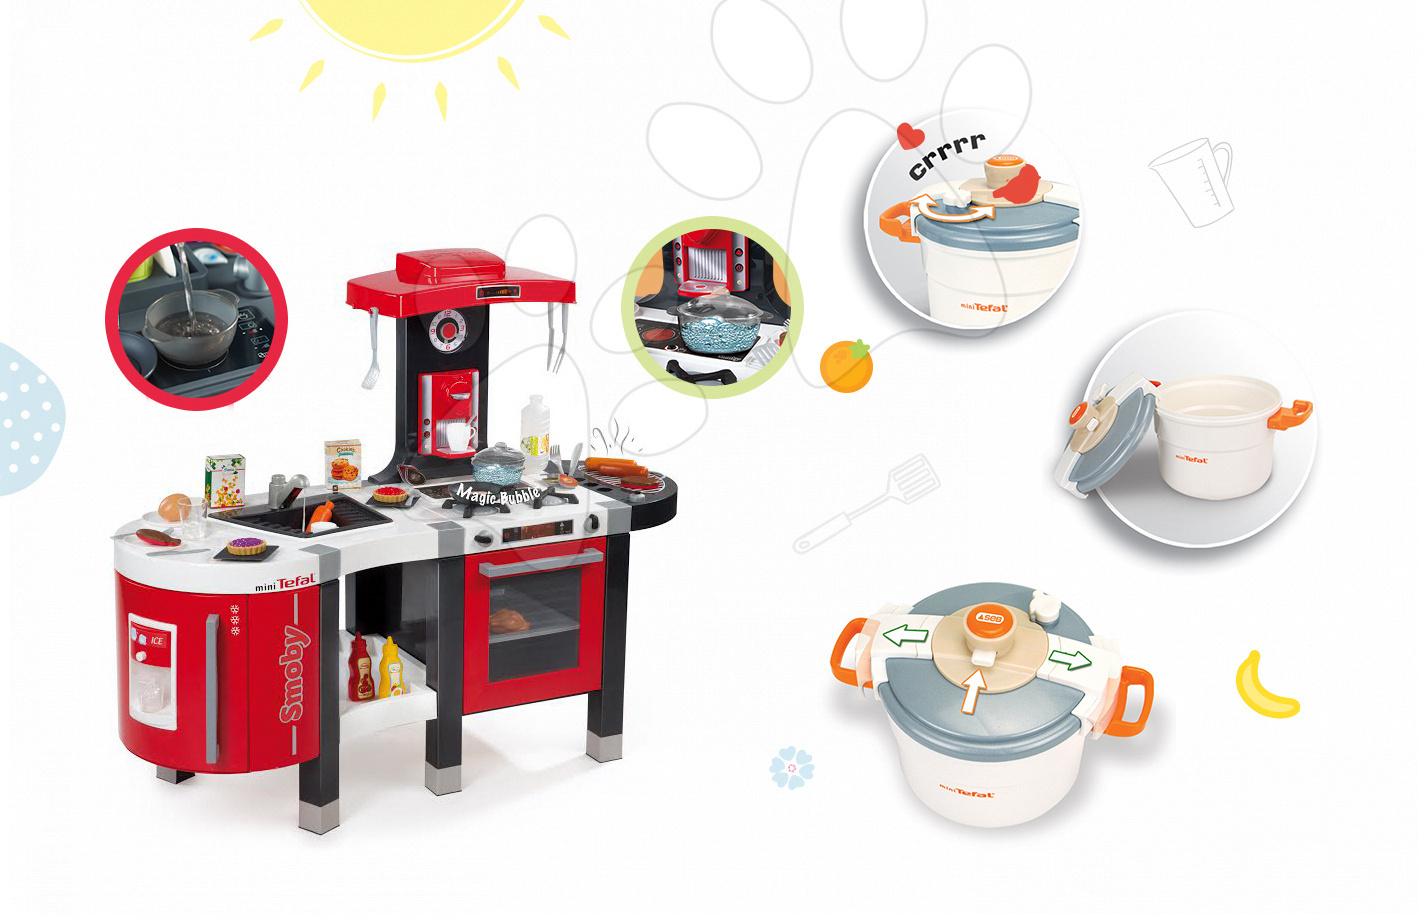 Kuchynky pre deti sety - Set kuchynka Tefal French Touch Bublinky&Voda Smoby s magickým bublaním a tlakový hrniec Tefal